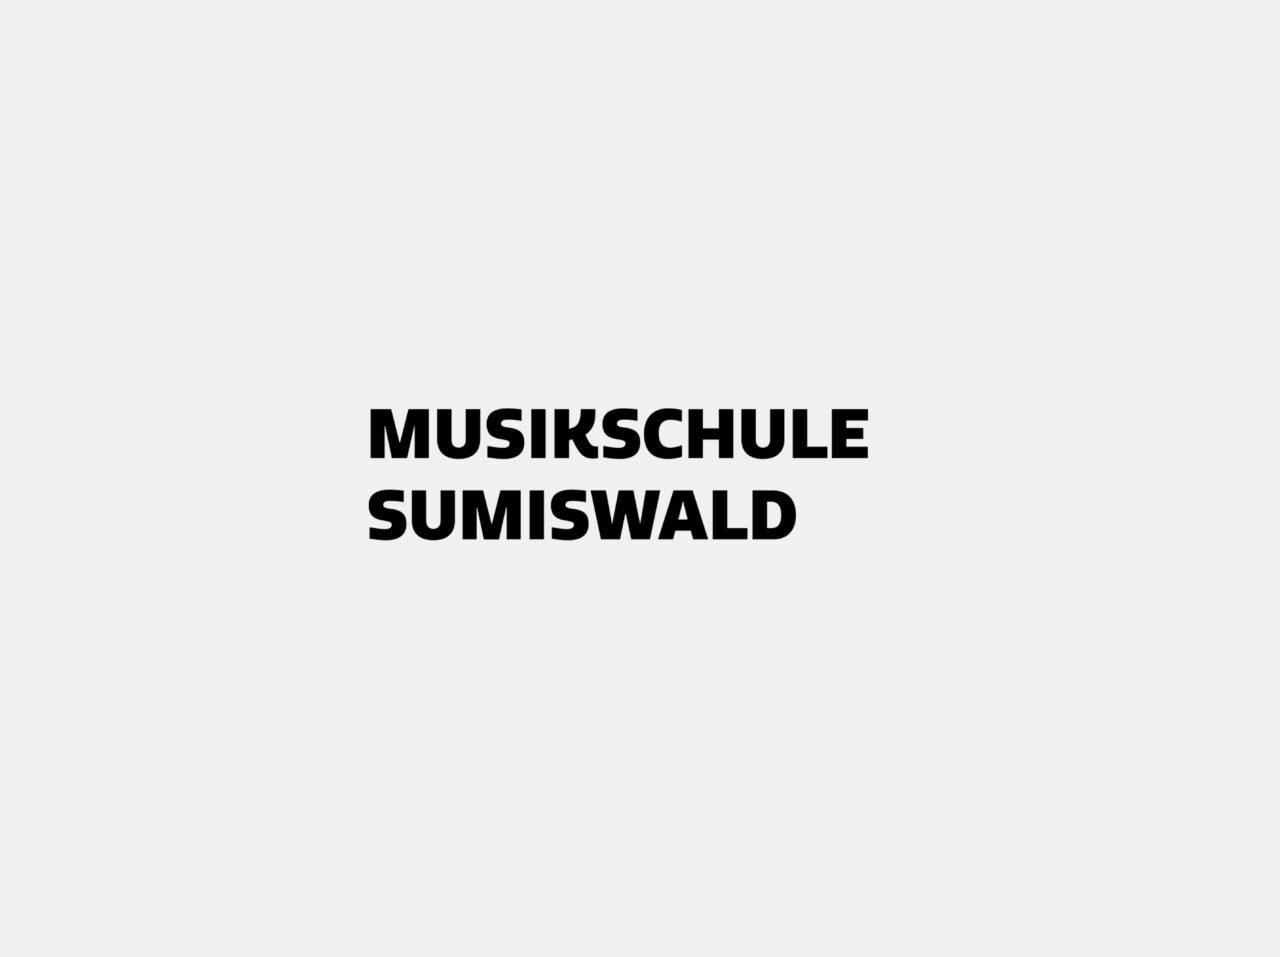 Logo der Musikschule Sumiswald